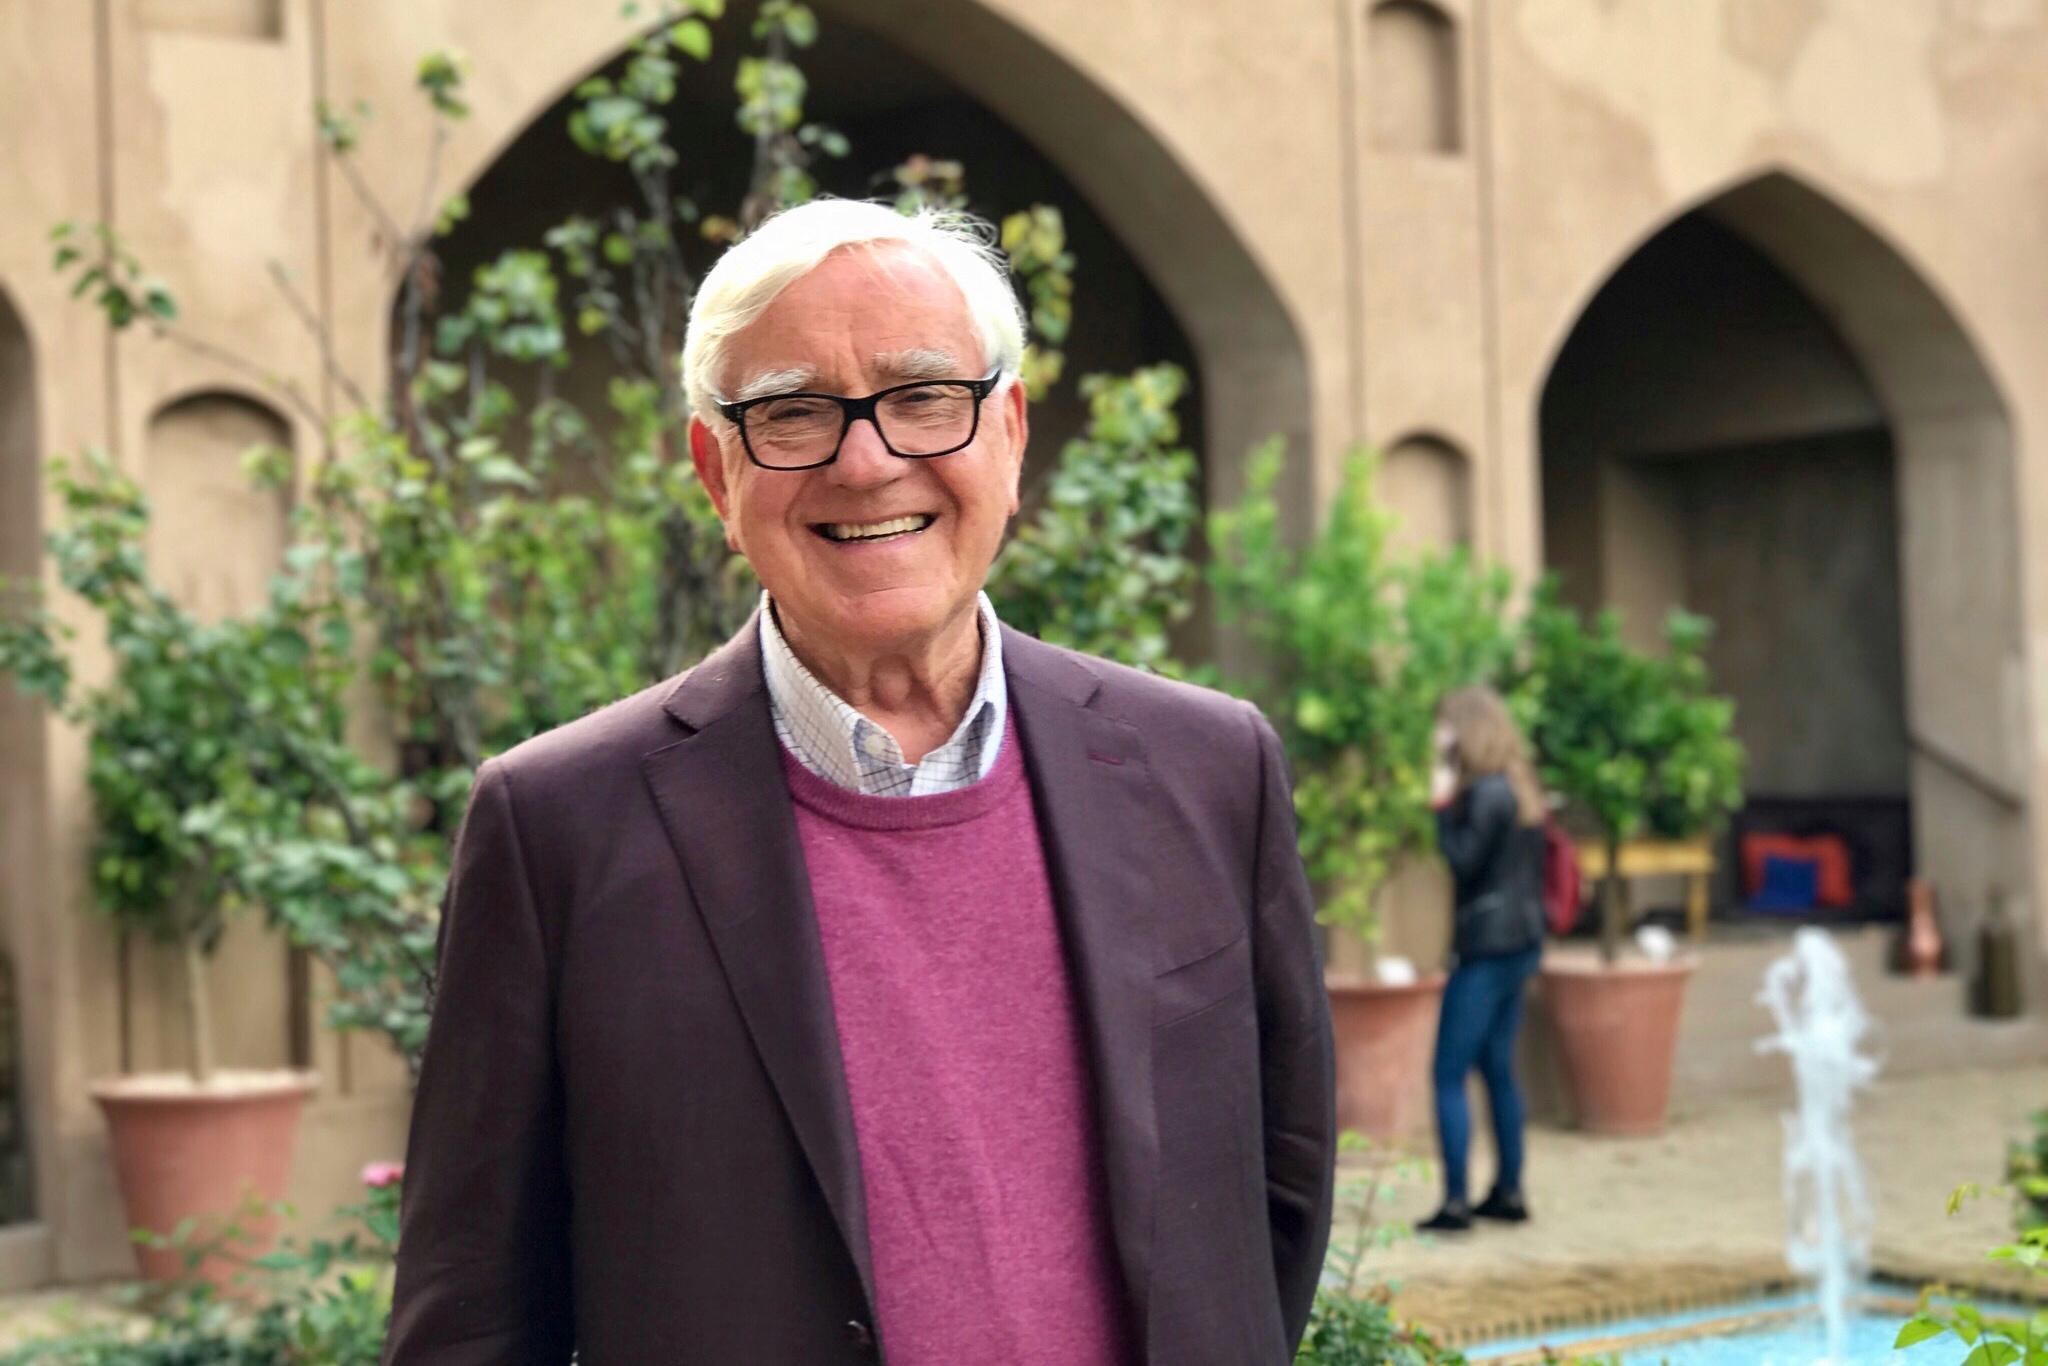 Heinrich Gehring im Persischen Garten der Bundeskunsthalle, Foto: Benjamin Doum